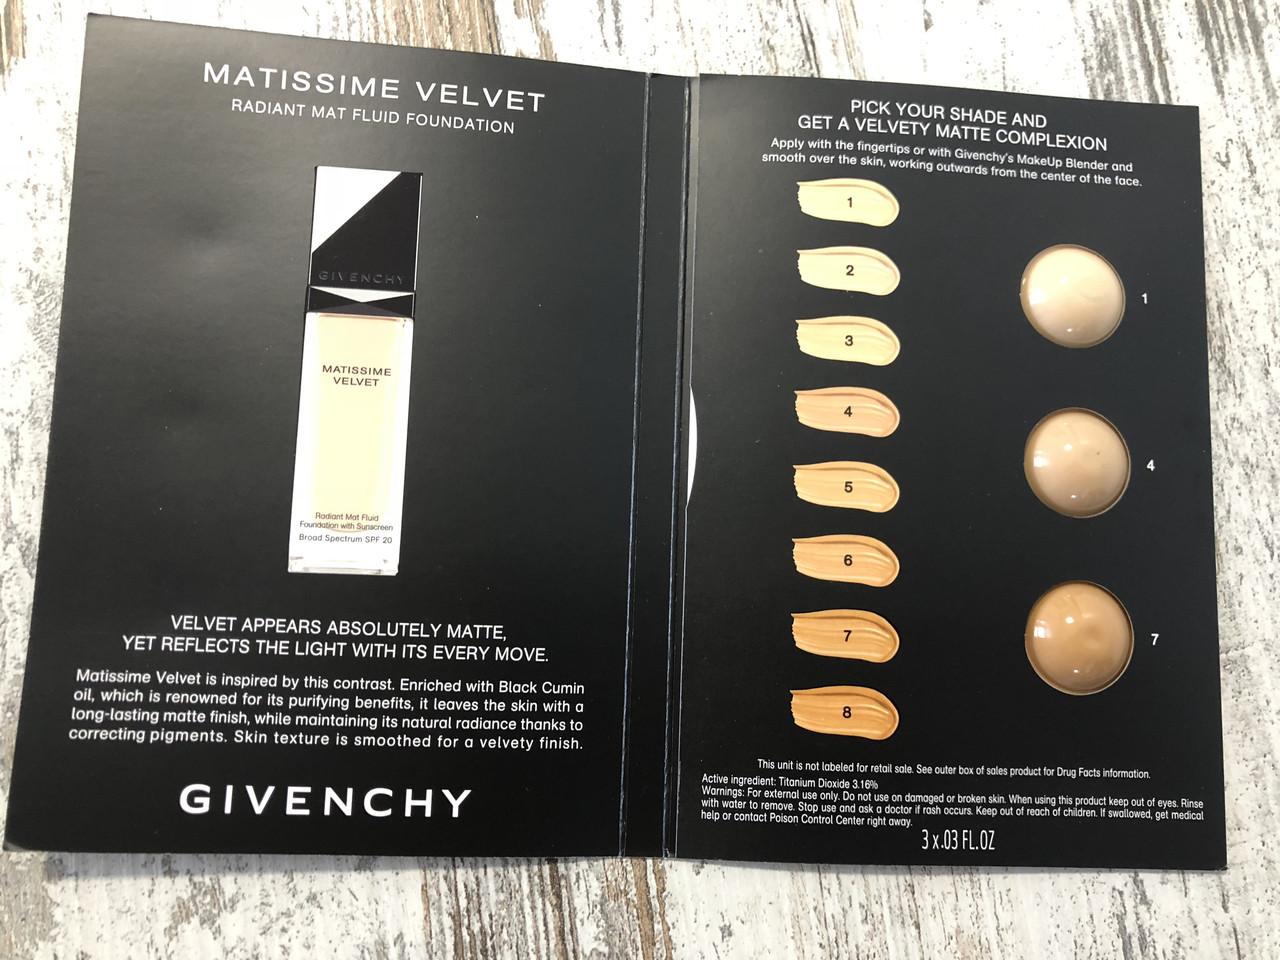 Палетка пробников тонального крема GIVENCHY Matissime Velvet